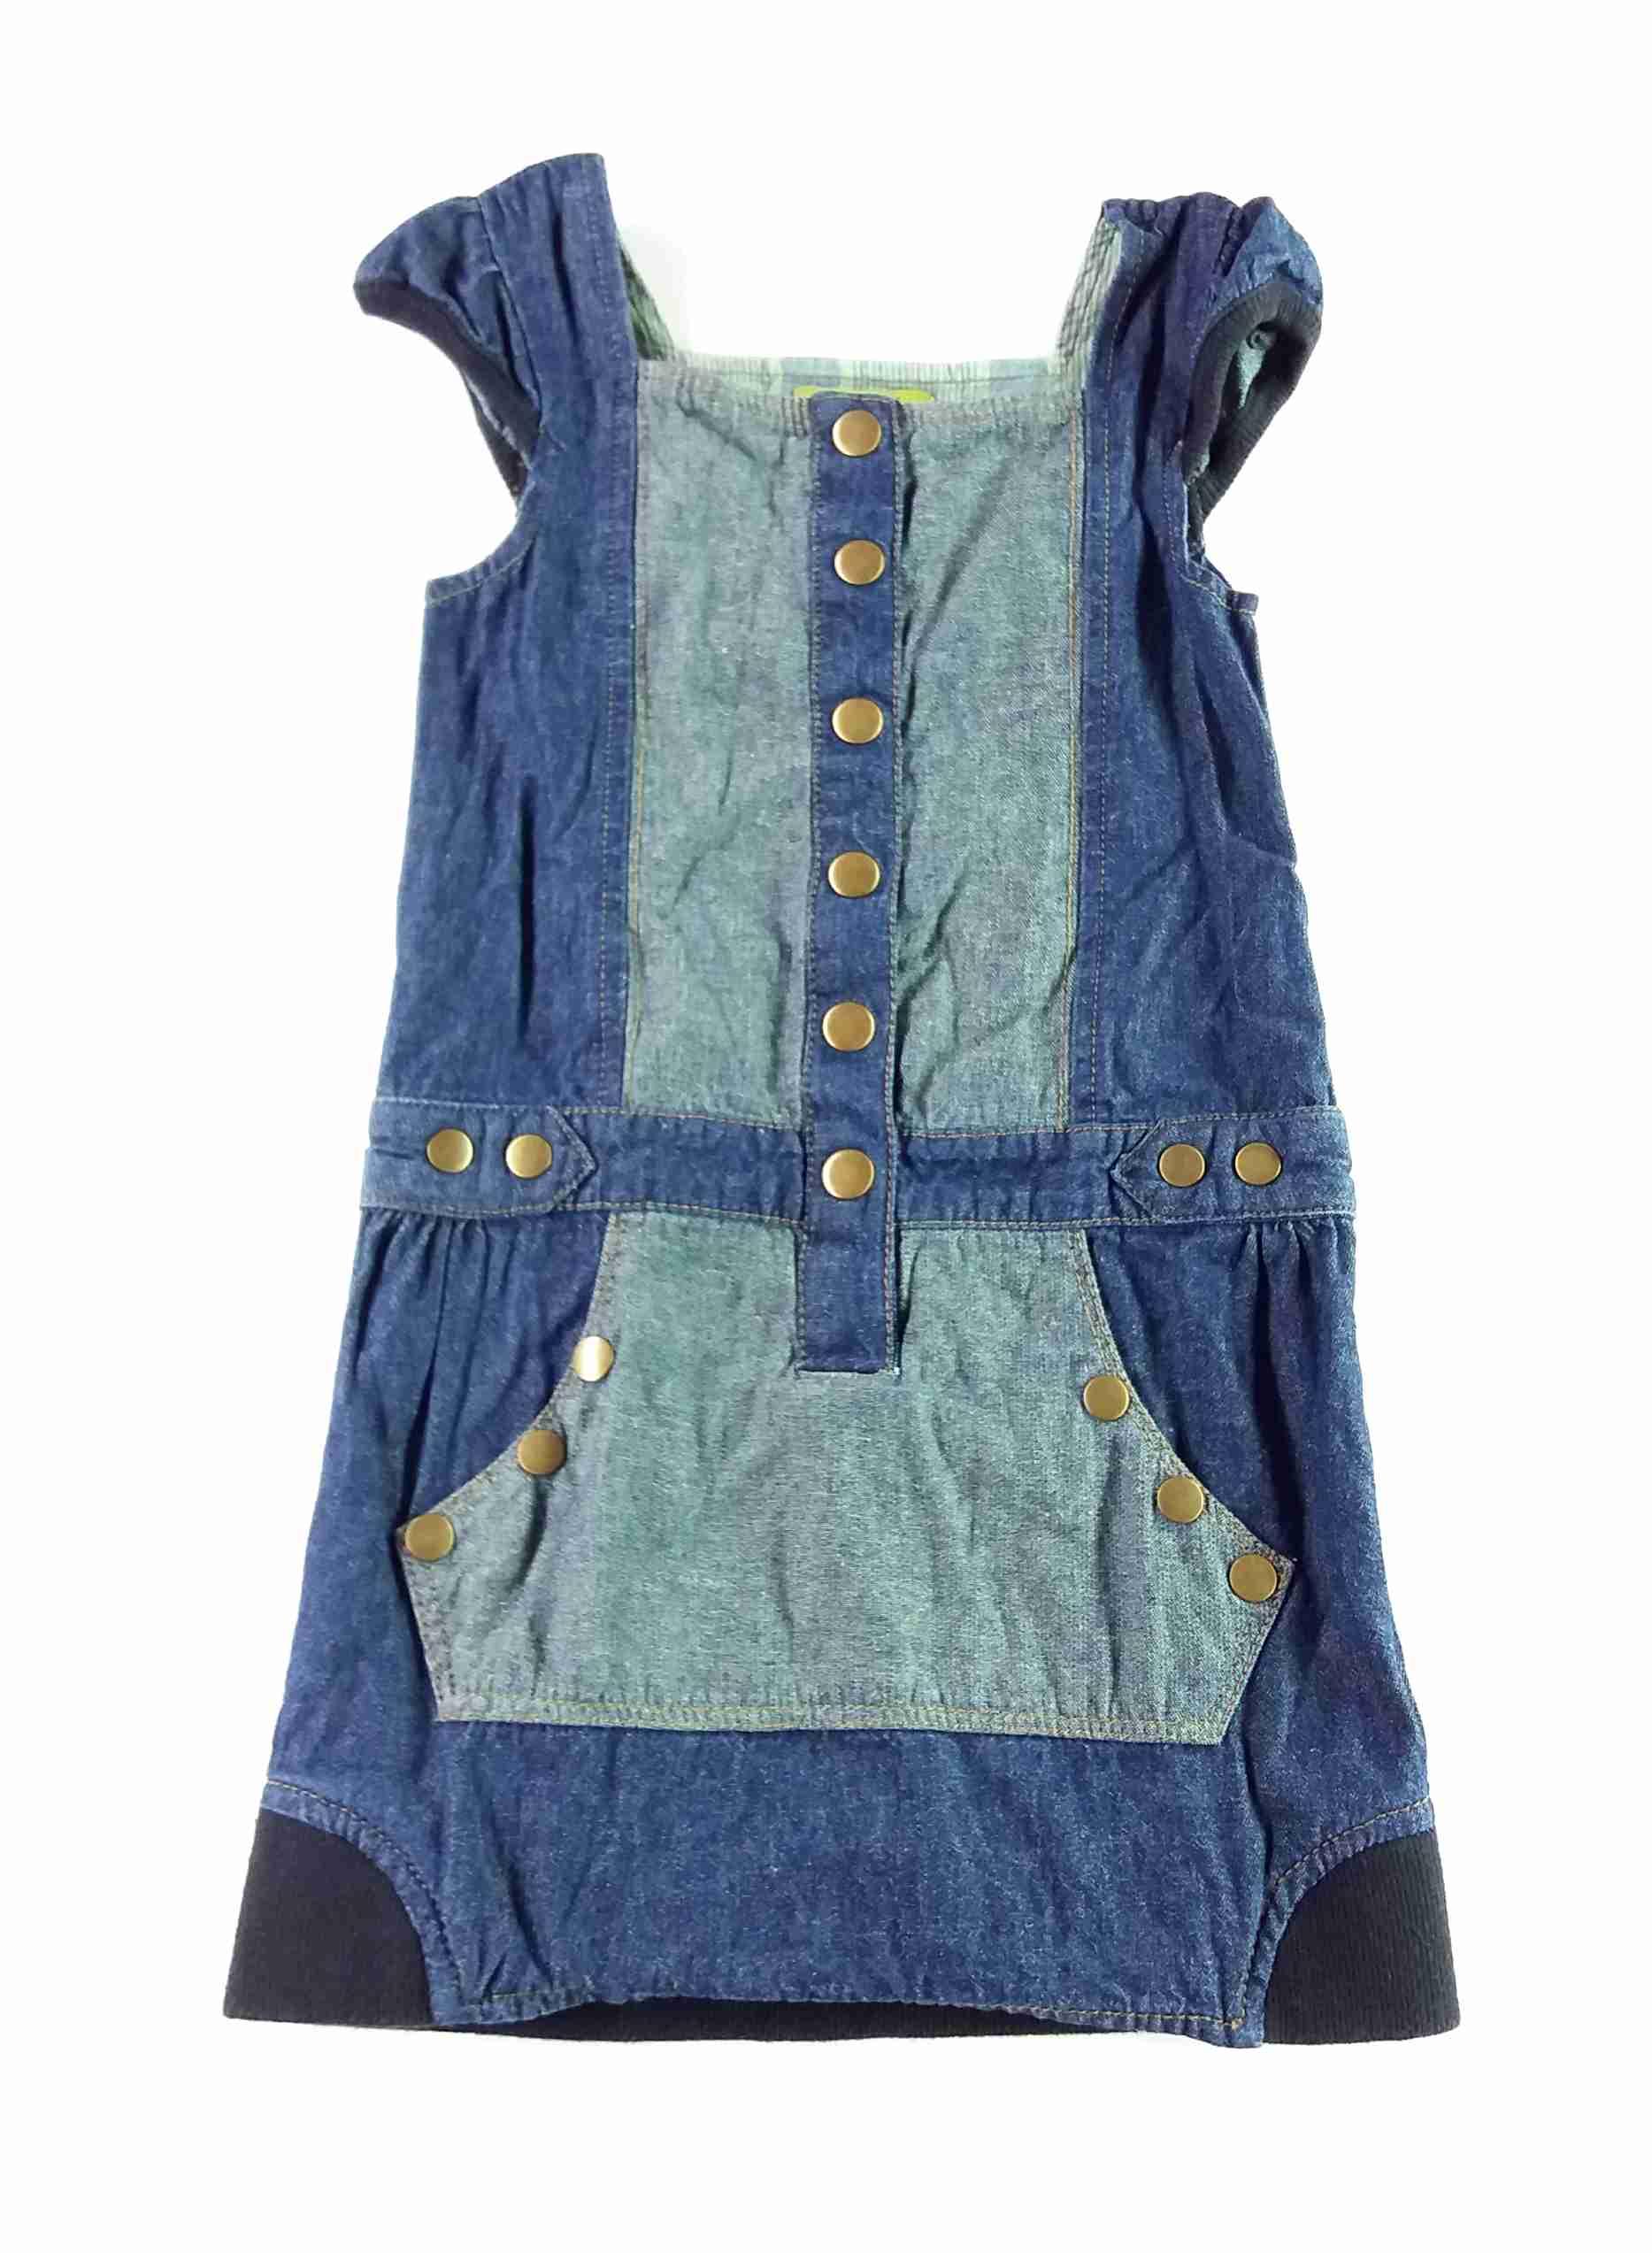 4d621c241881 šaty riflové modré se cvoky vel 104